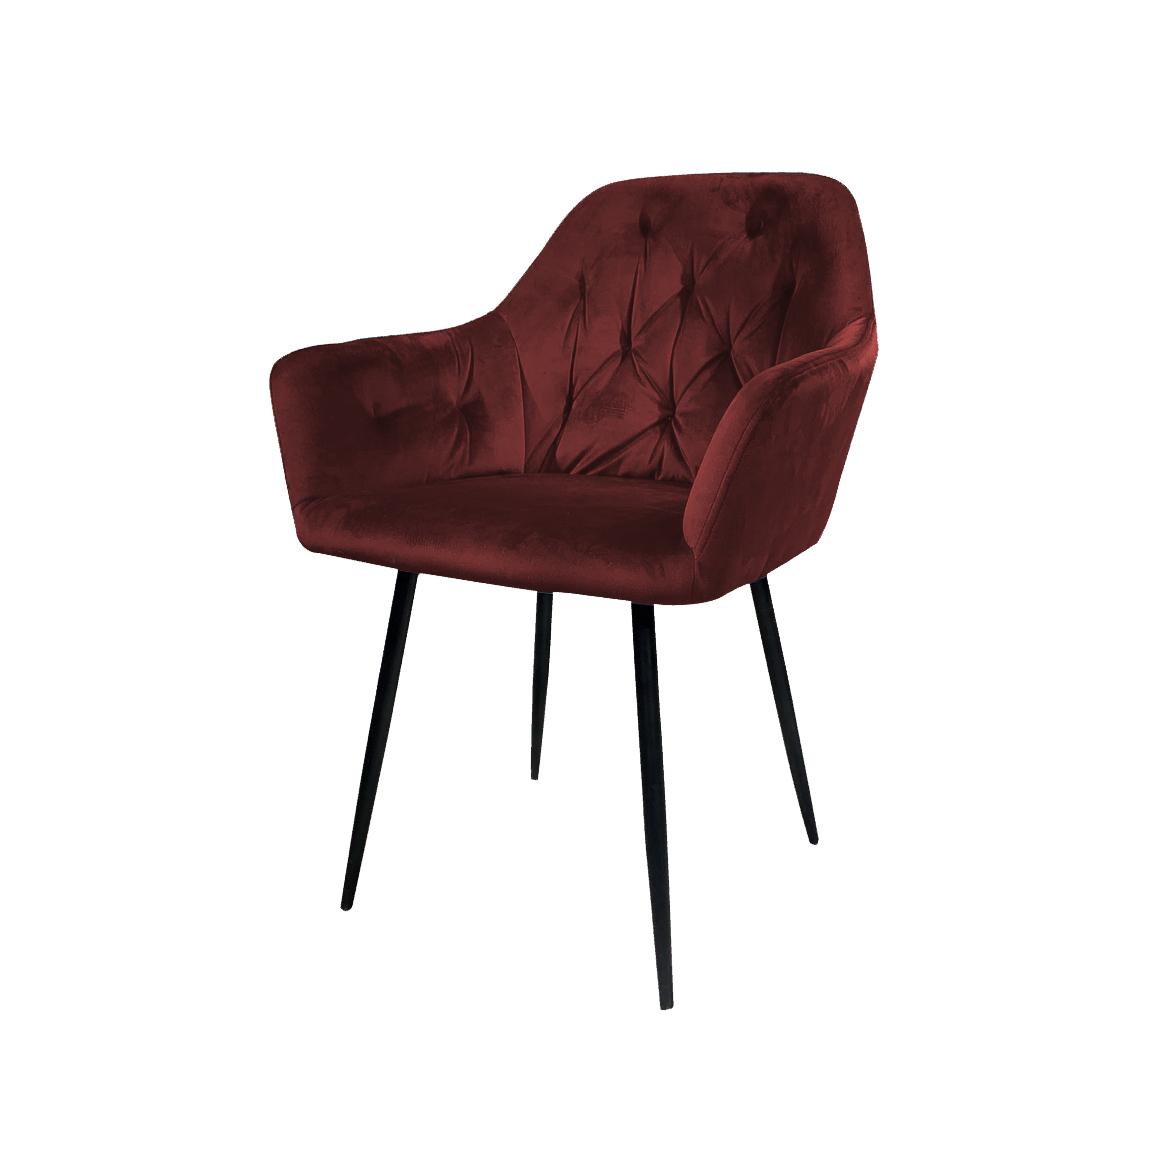 2020 뜨거운 판매 현대 라운지 편안한 덮개를 씌운 거실 벨벳 안락 의자 거실 의자